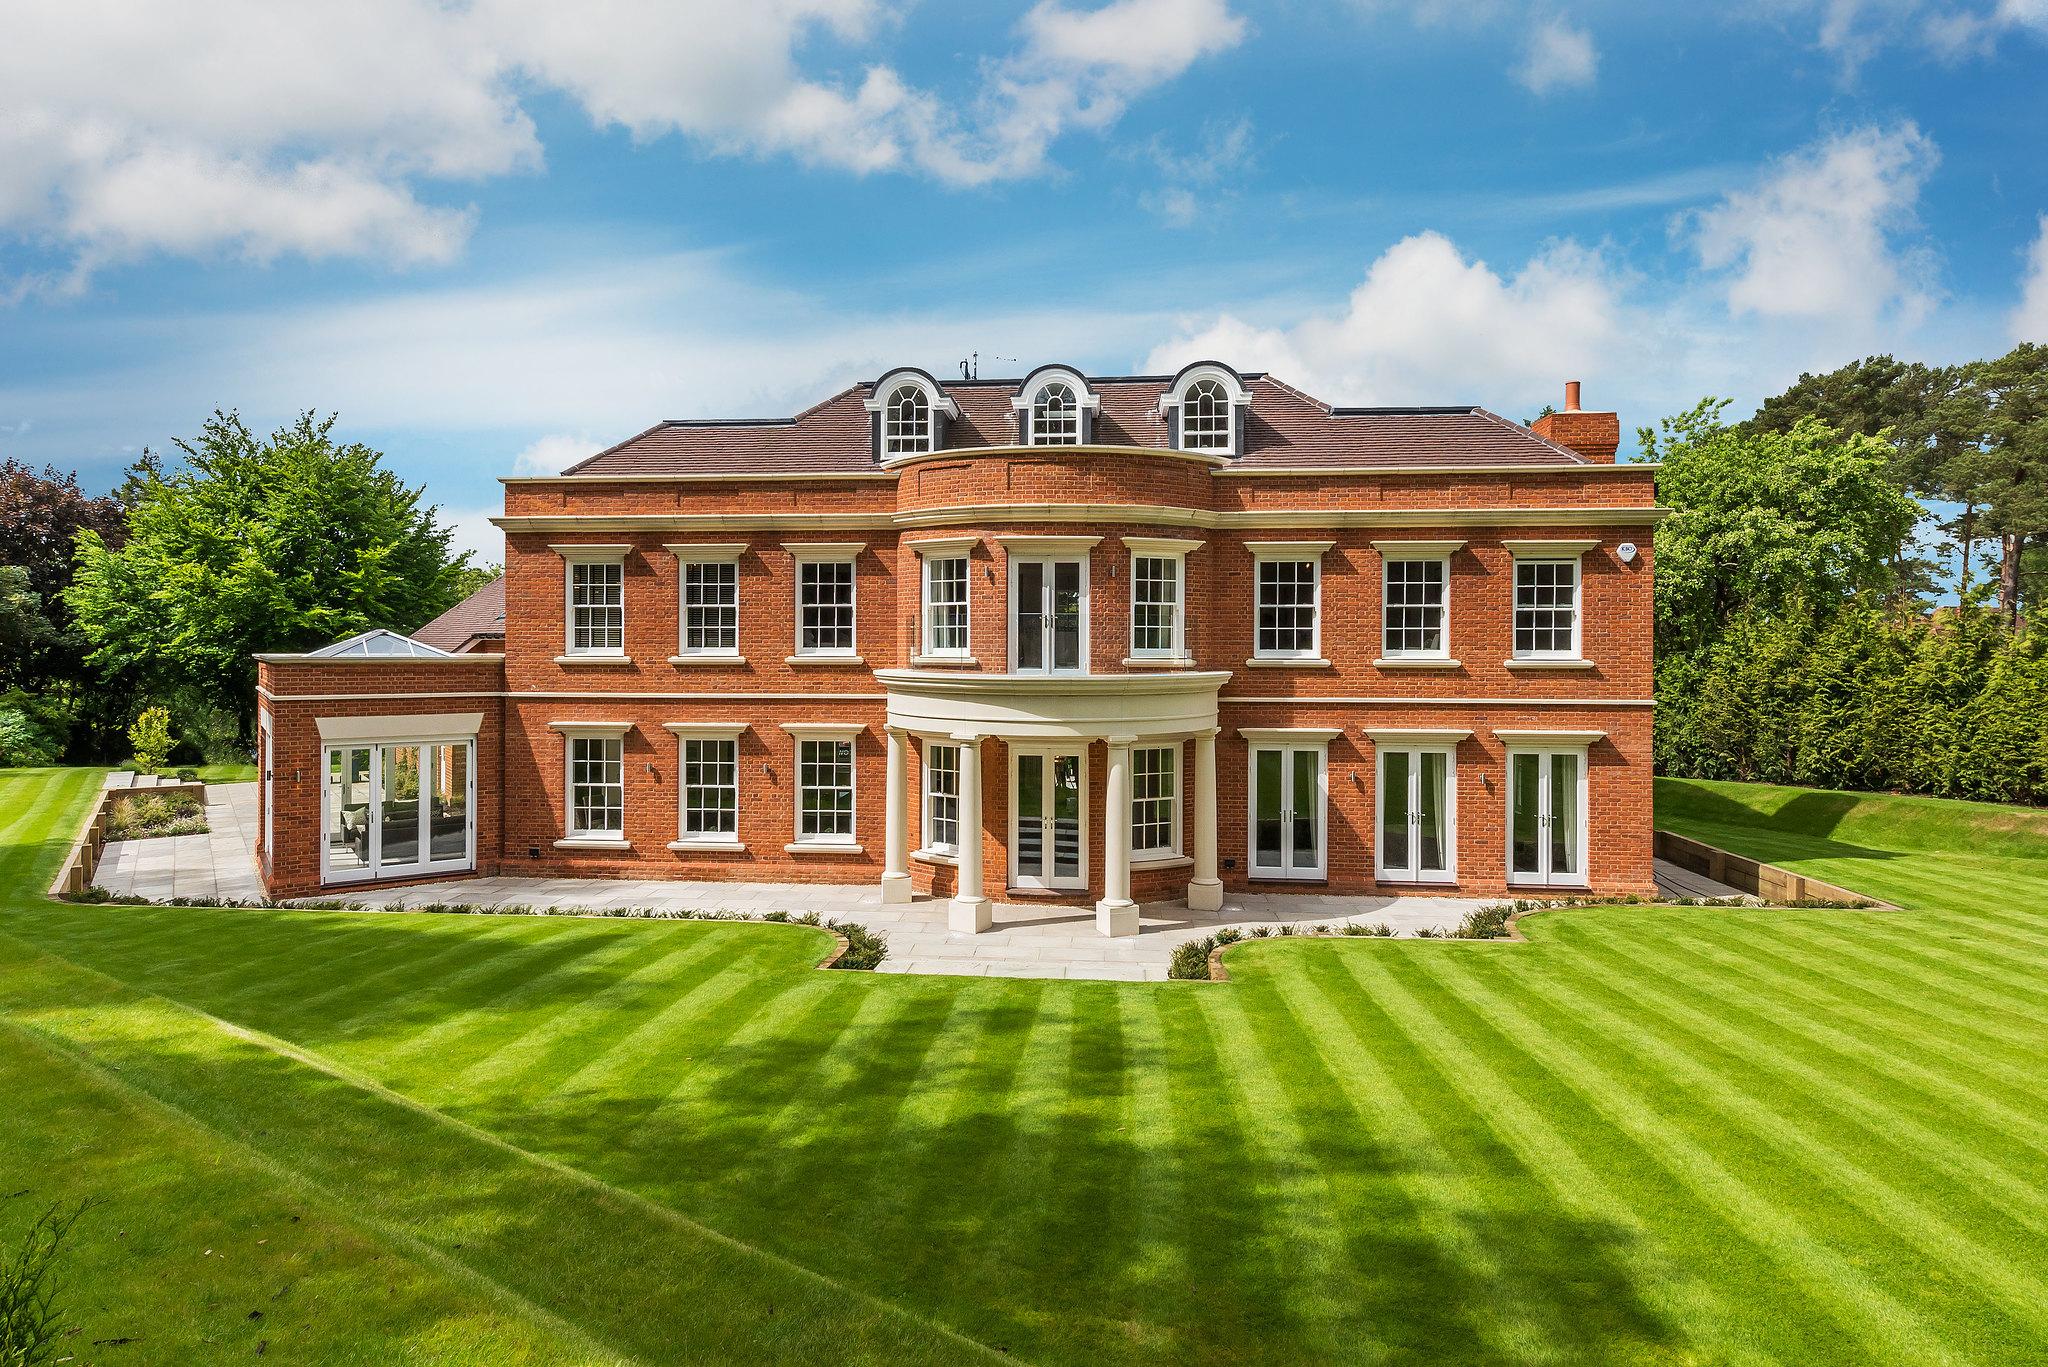 waverley-house-farnham-our-work-private-clients-ascot-design-view1.jpg